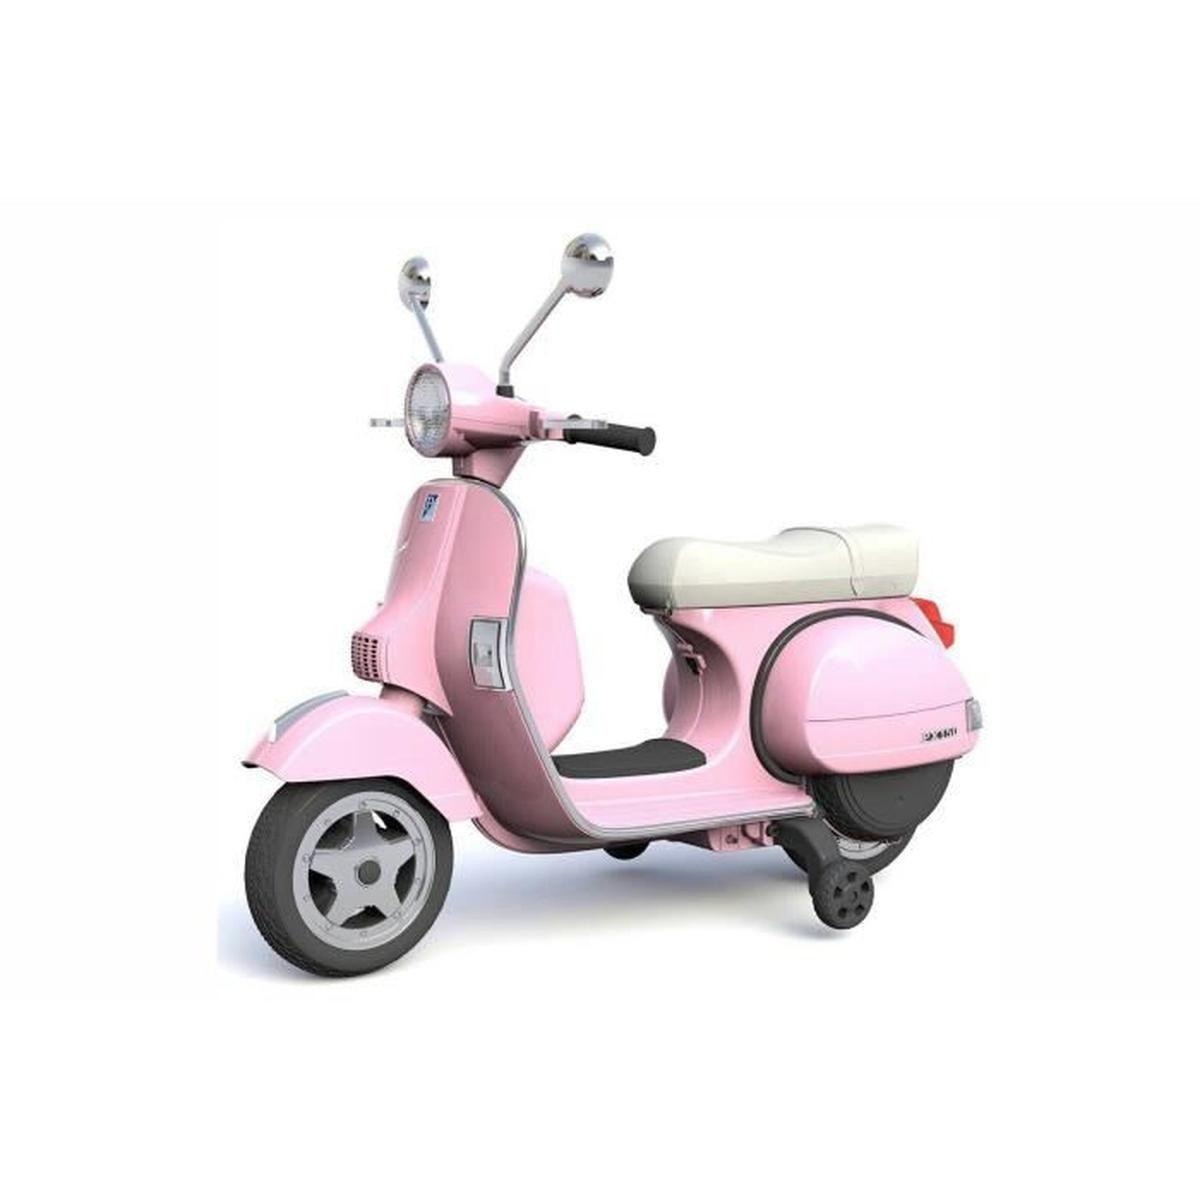 Licence Piaggio Vespa Px 150 Scooter Enfants Rose Pour Fille avec Jeu De Voiture Pour Fille Gratuit